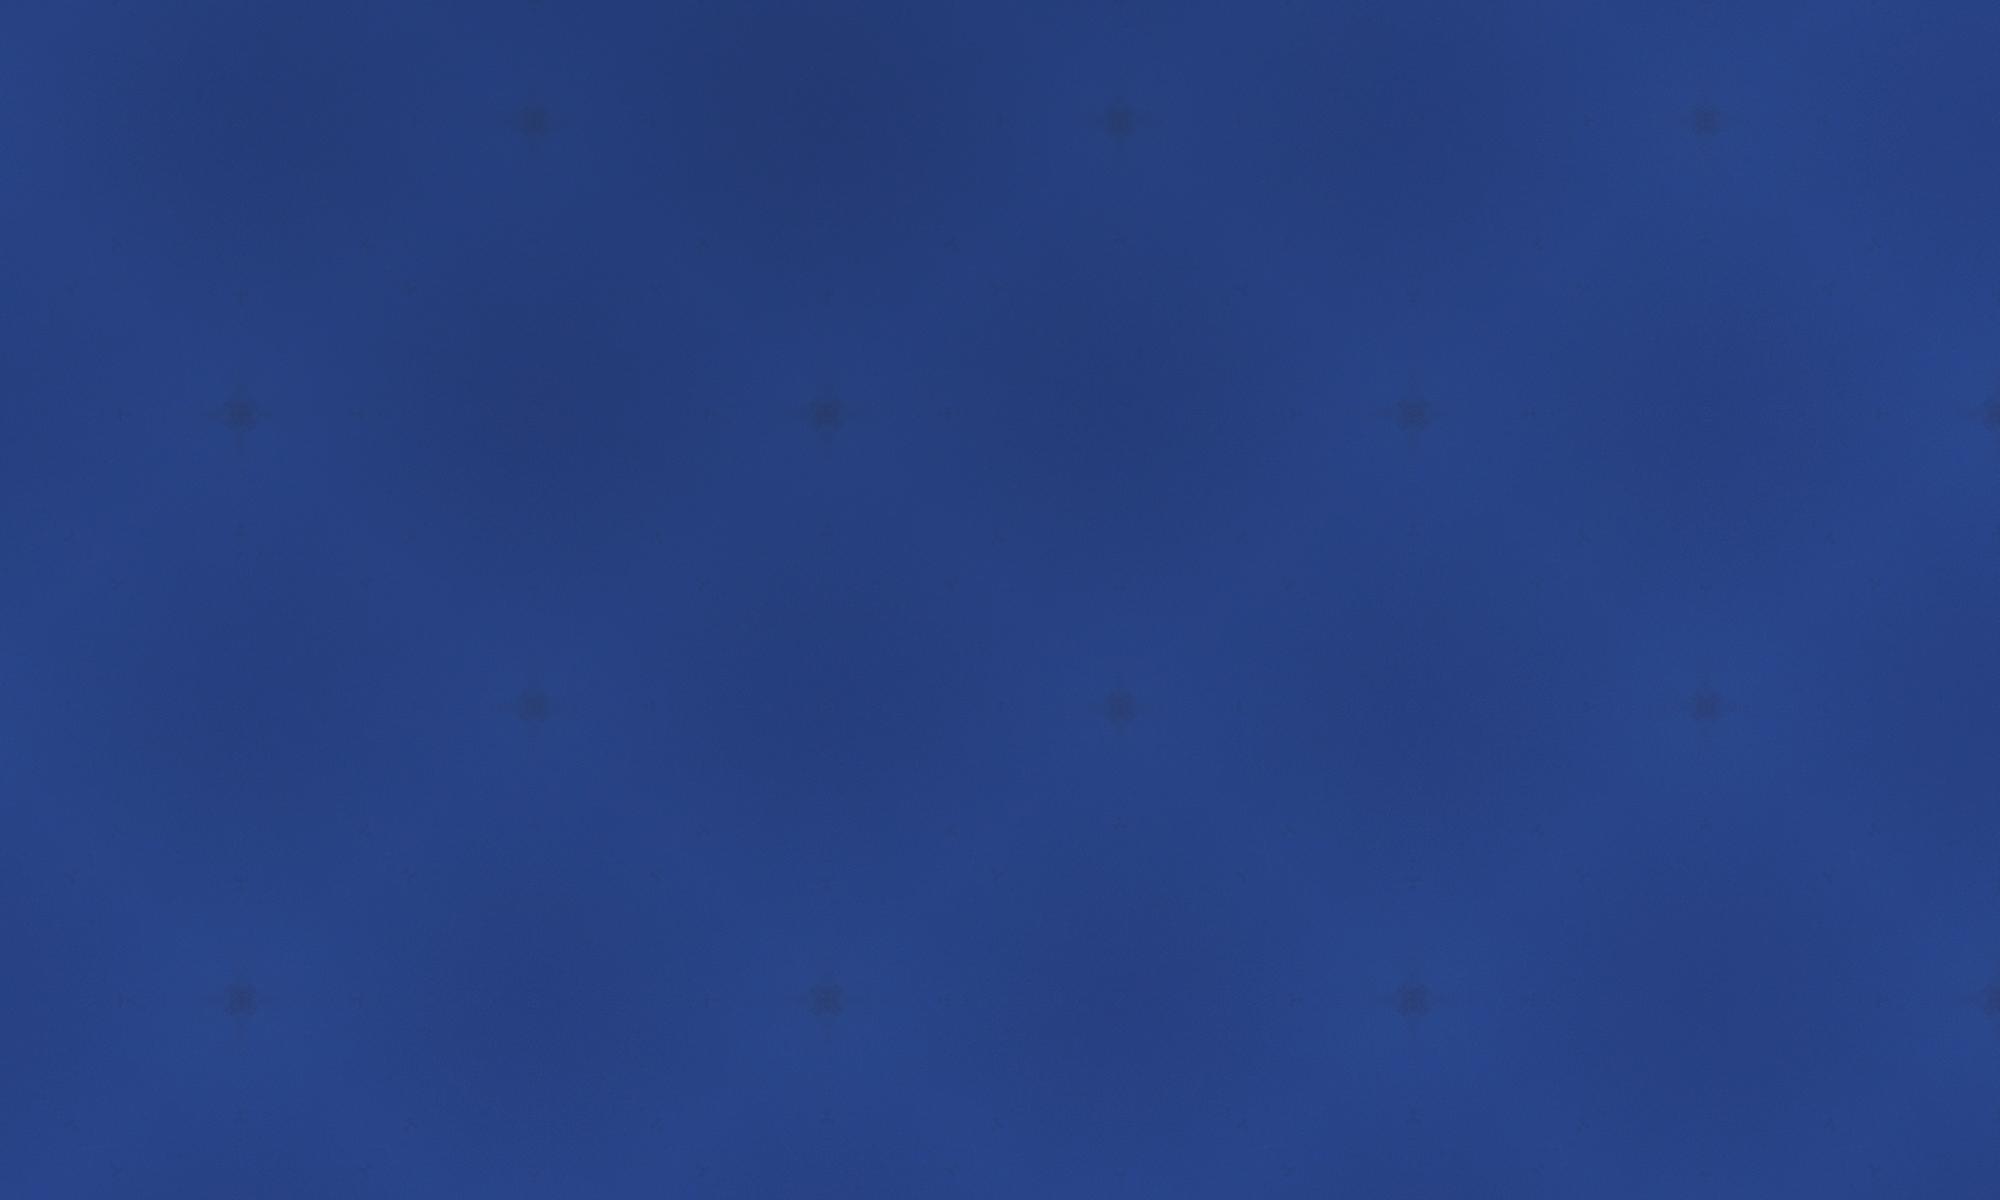 blue-bkg